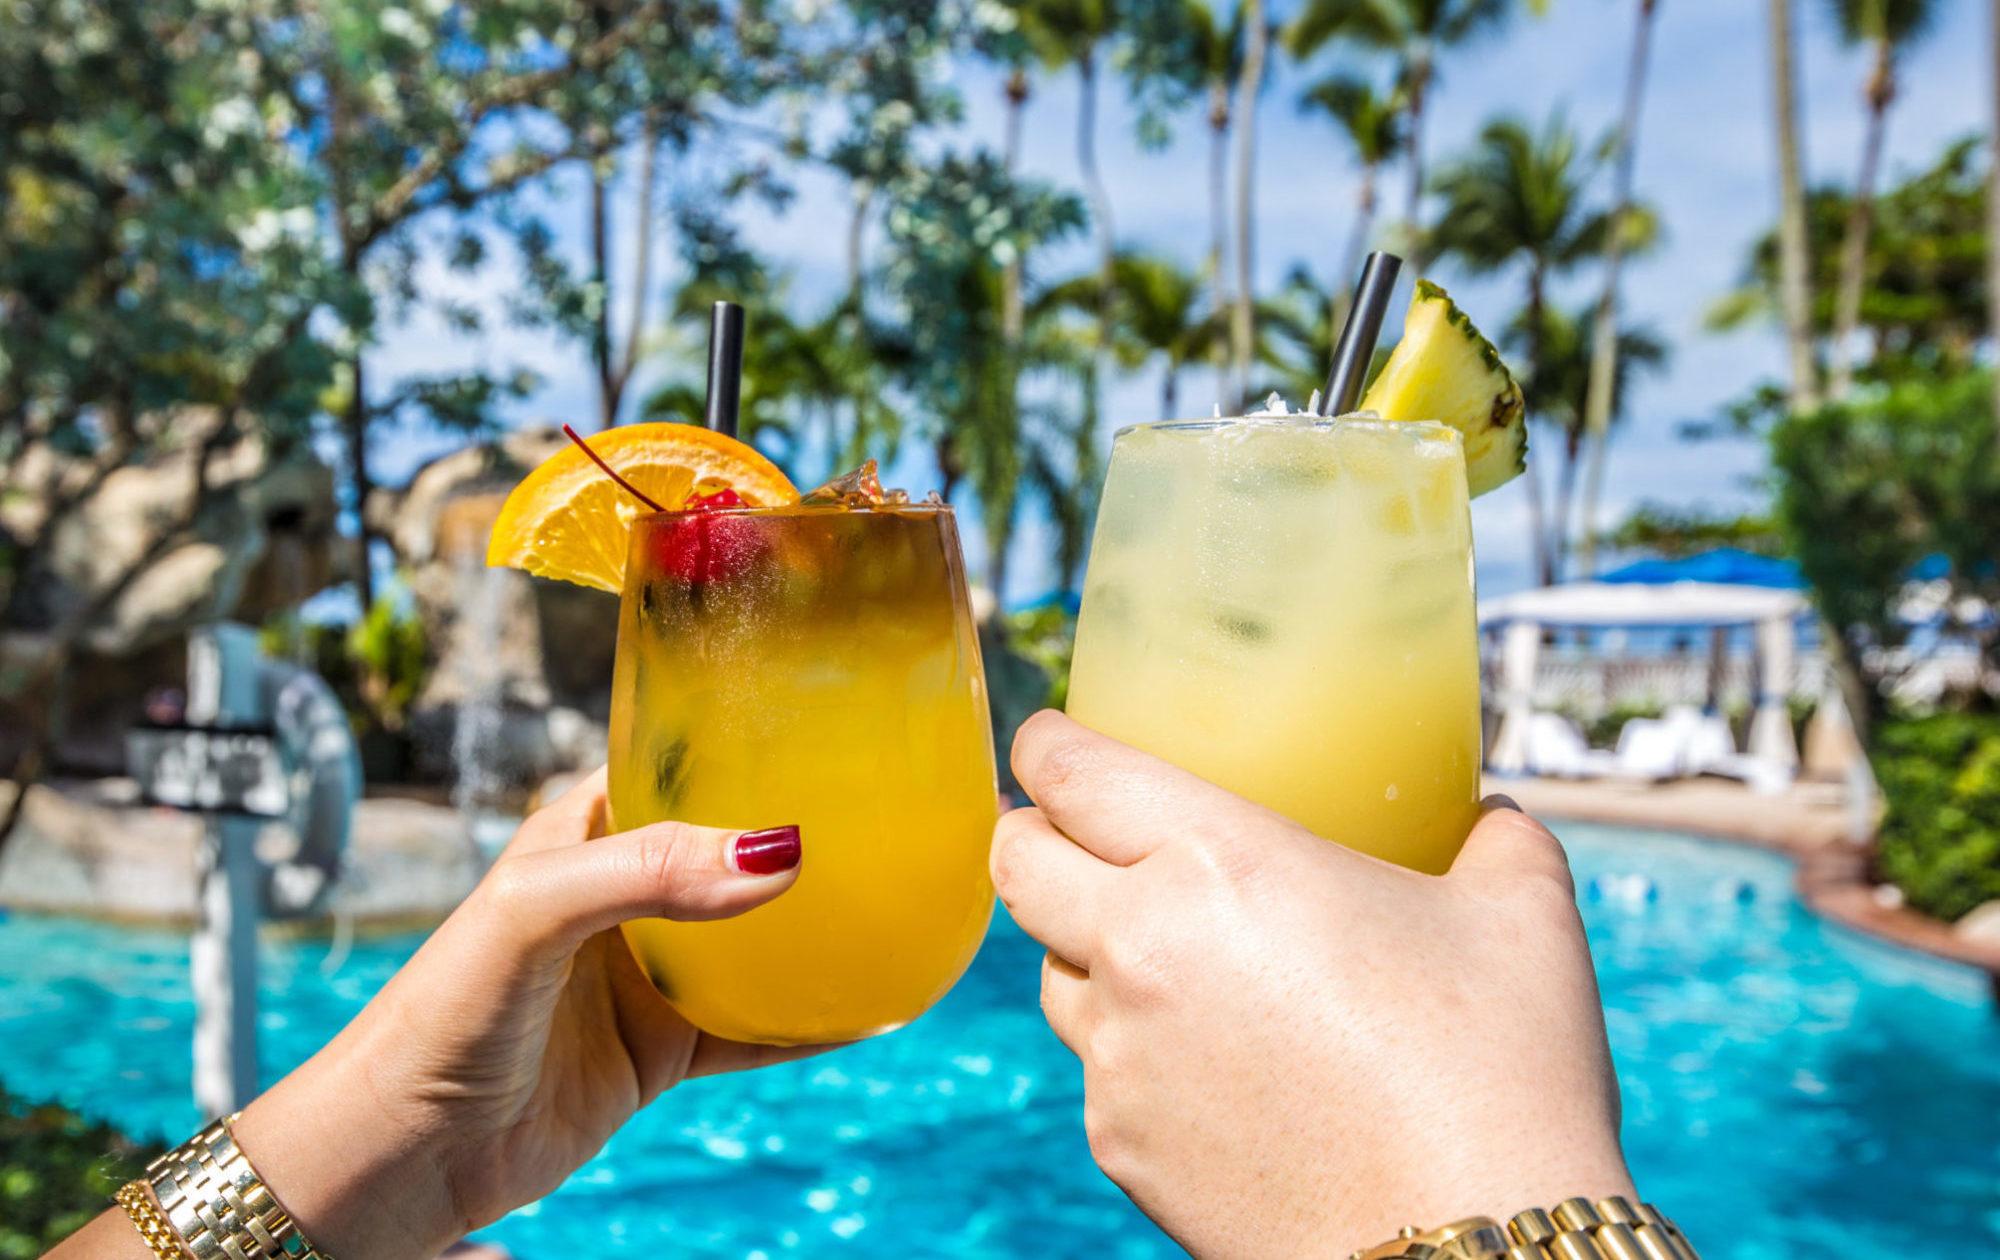 $100 for your next oceanfront getaway!